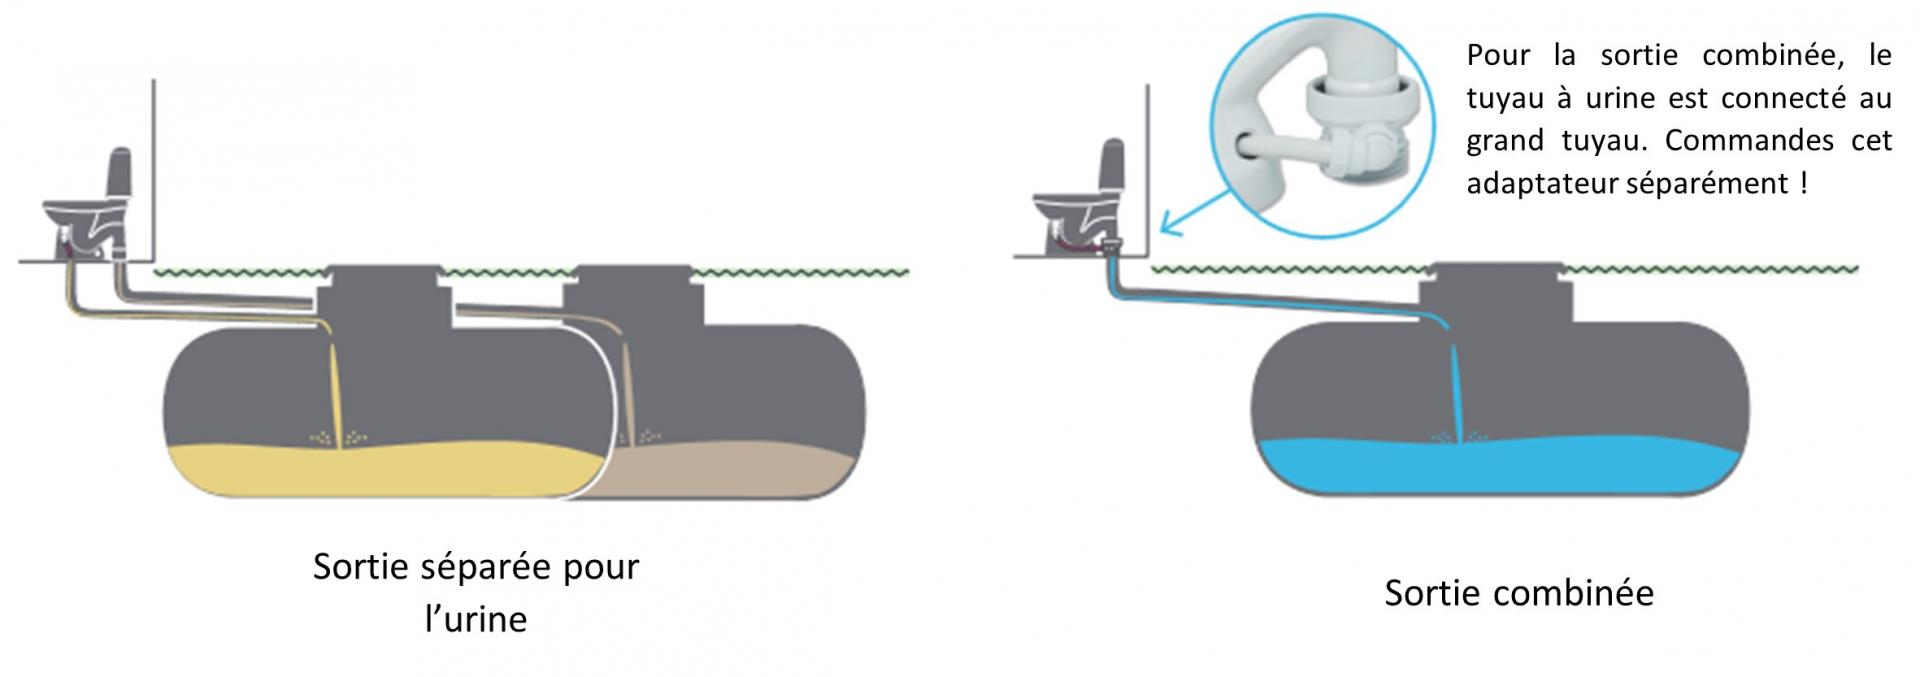 Principe d utilisation de la toilette ecochasse